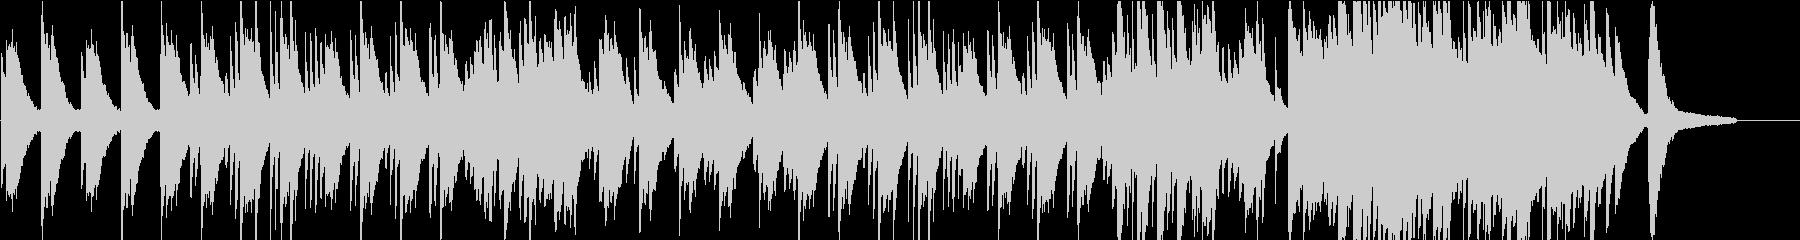 落ち着いたソロピアノのバラードの未再生の波形